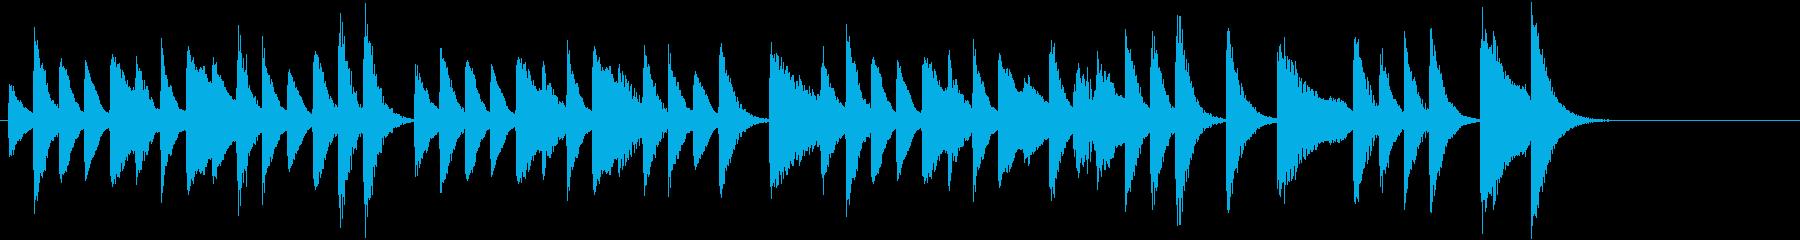 猫動画に♪リズミカルお茶目ピアノジングルの再生済みの波形